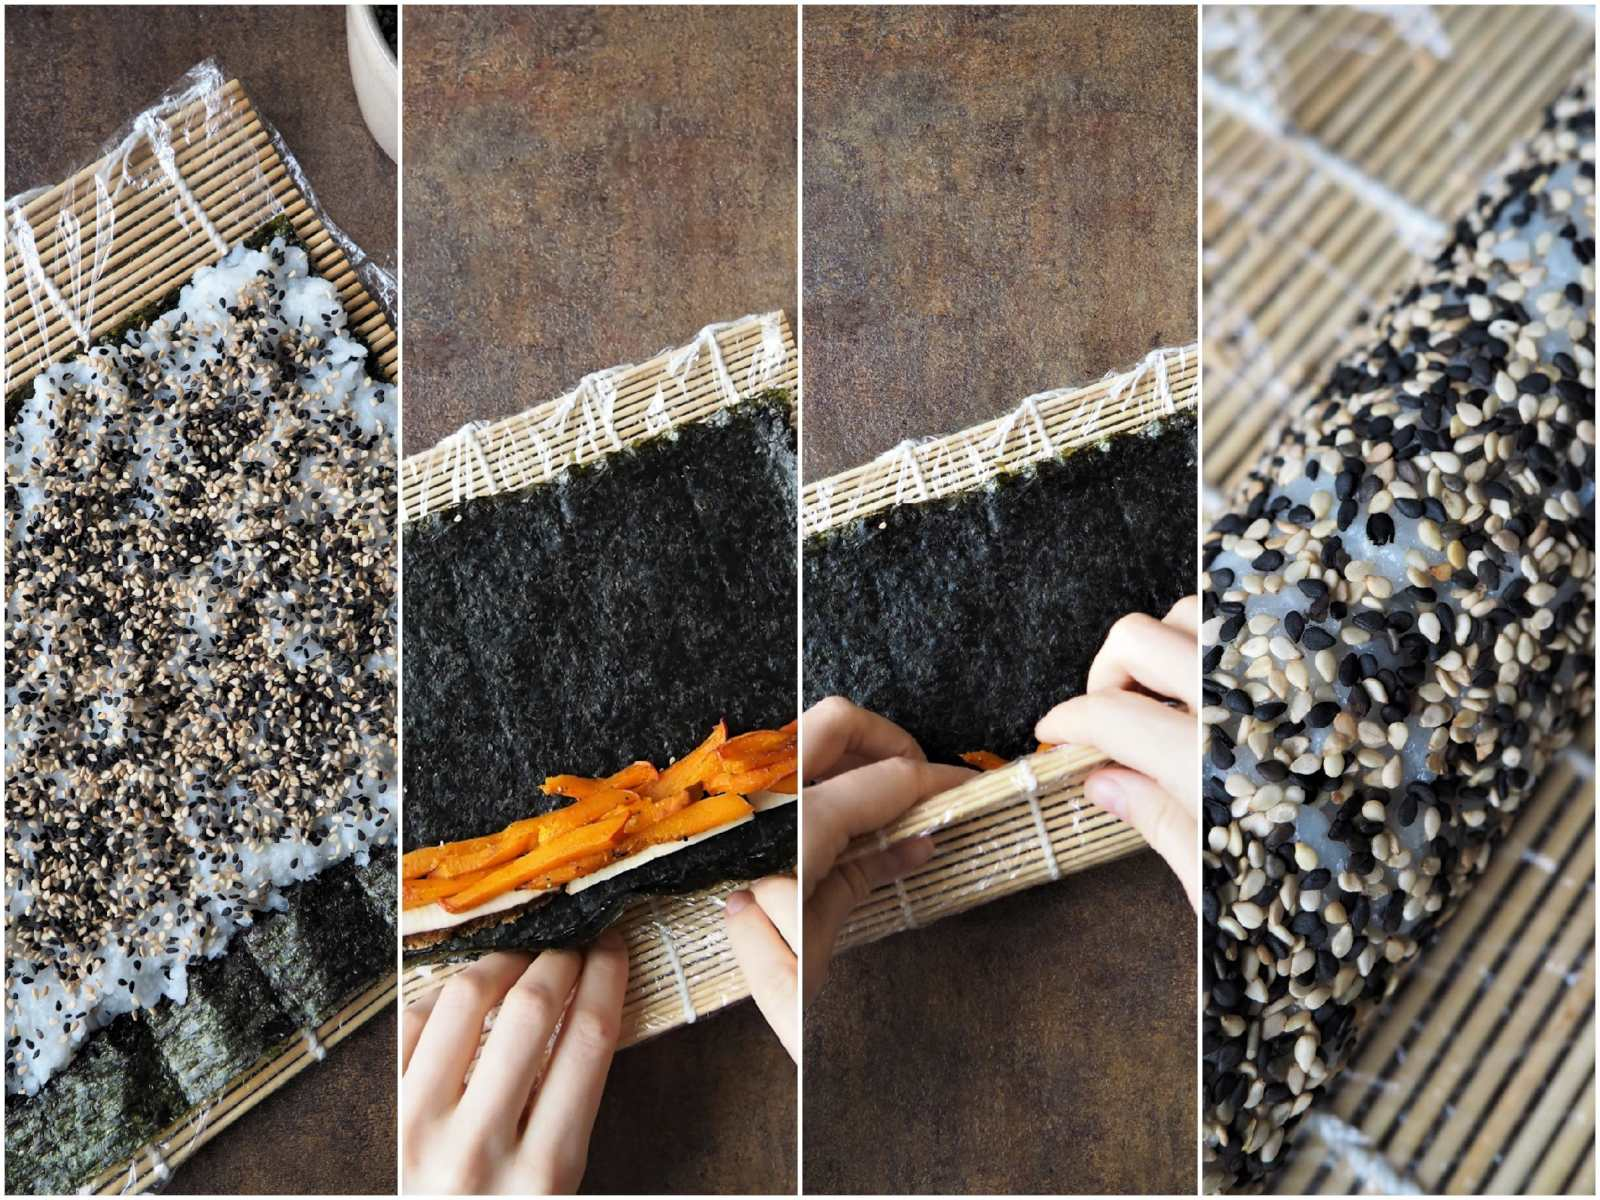 Veganes Sushi verschiedene Sorten - How To Inside-Out-Rolls rollen